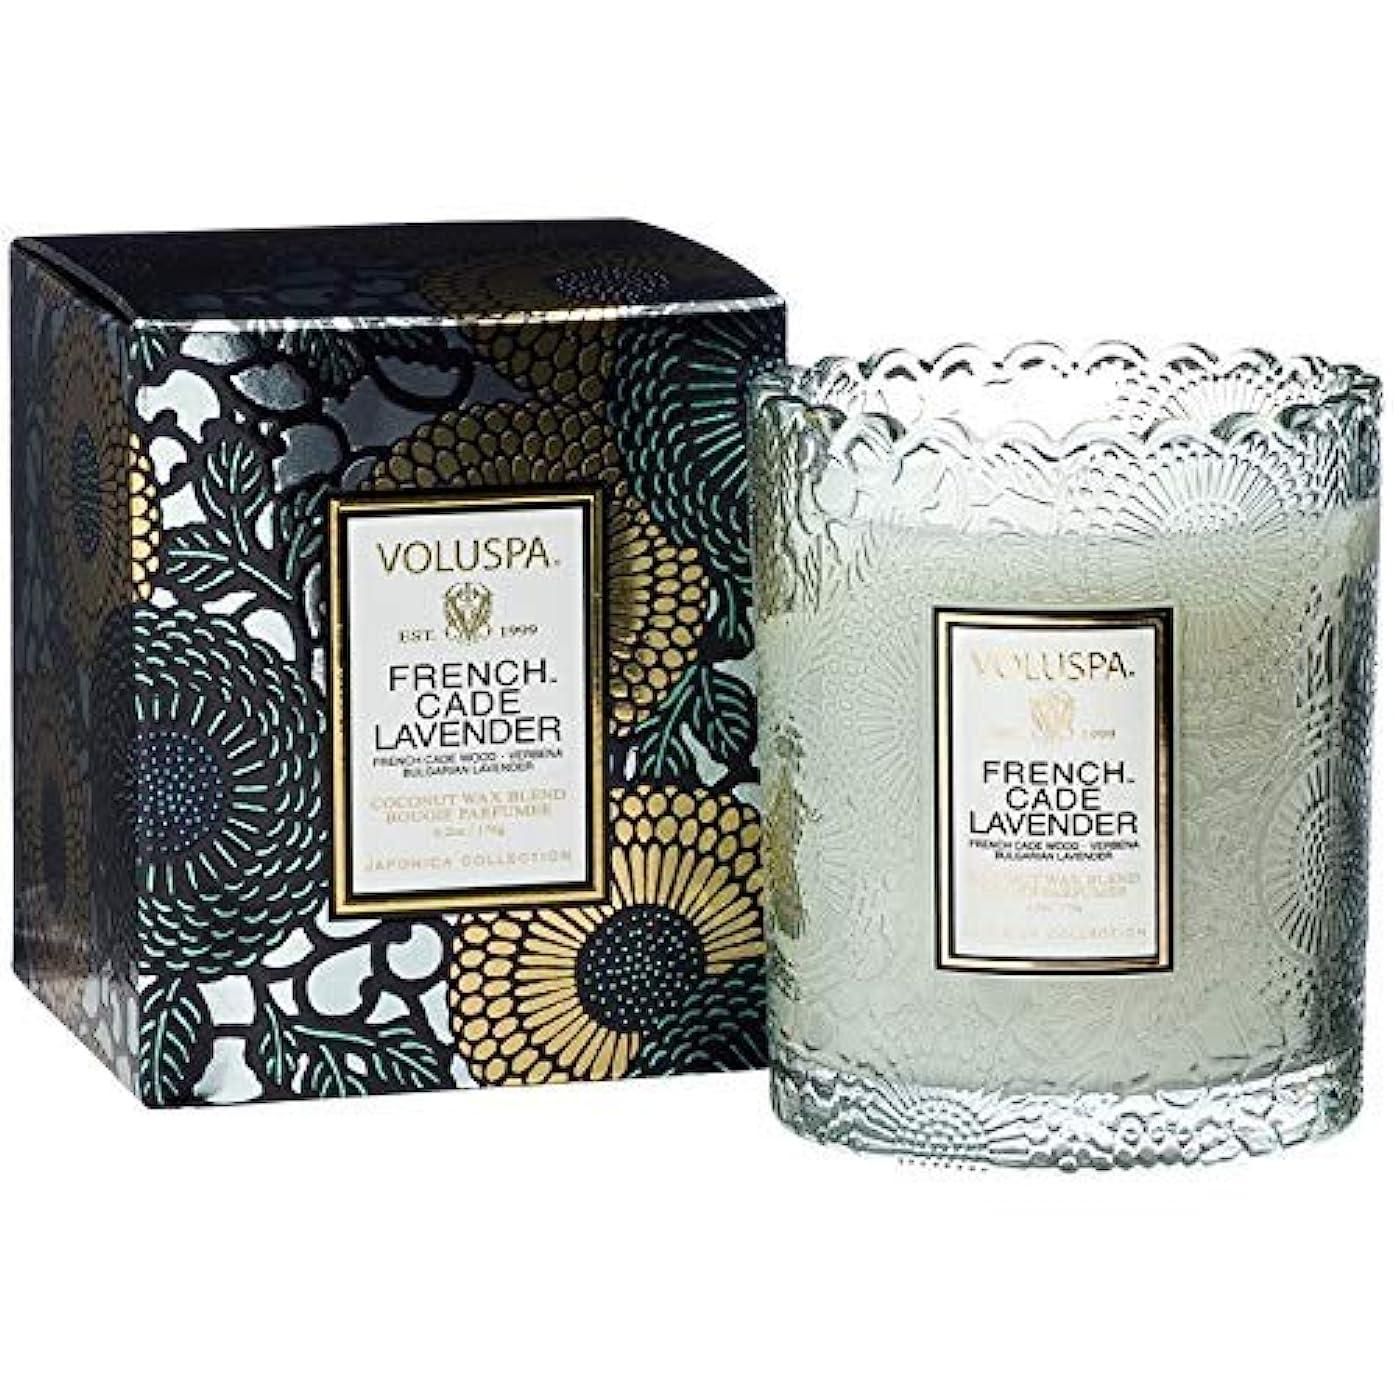 半球お茶友情Voluspa ボルスパ ジャポニカ リミテッド スカラップグラスキャンドル  フレンチケード&ラベンダー FRENCH CADE LAVENDER  JAPONICA Limited SCALLOPED EDGE Glass Candle